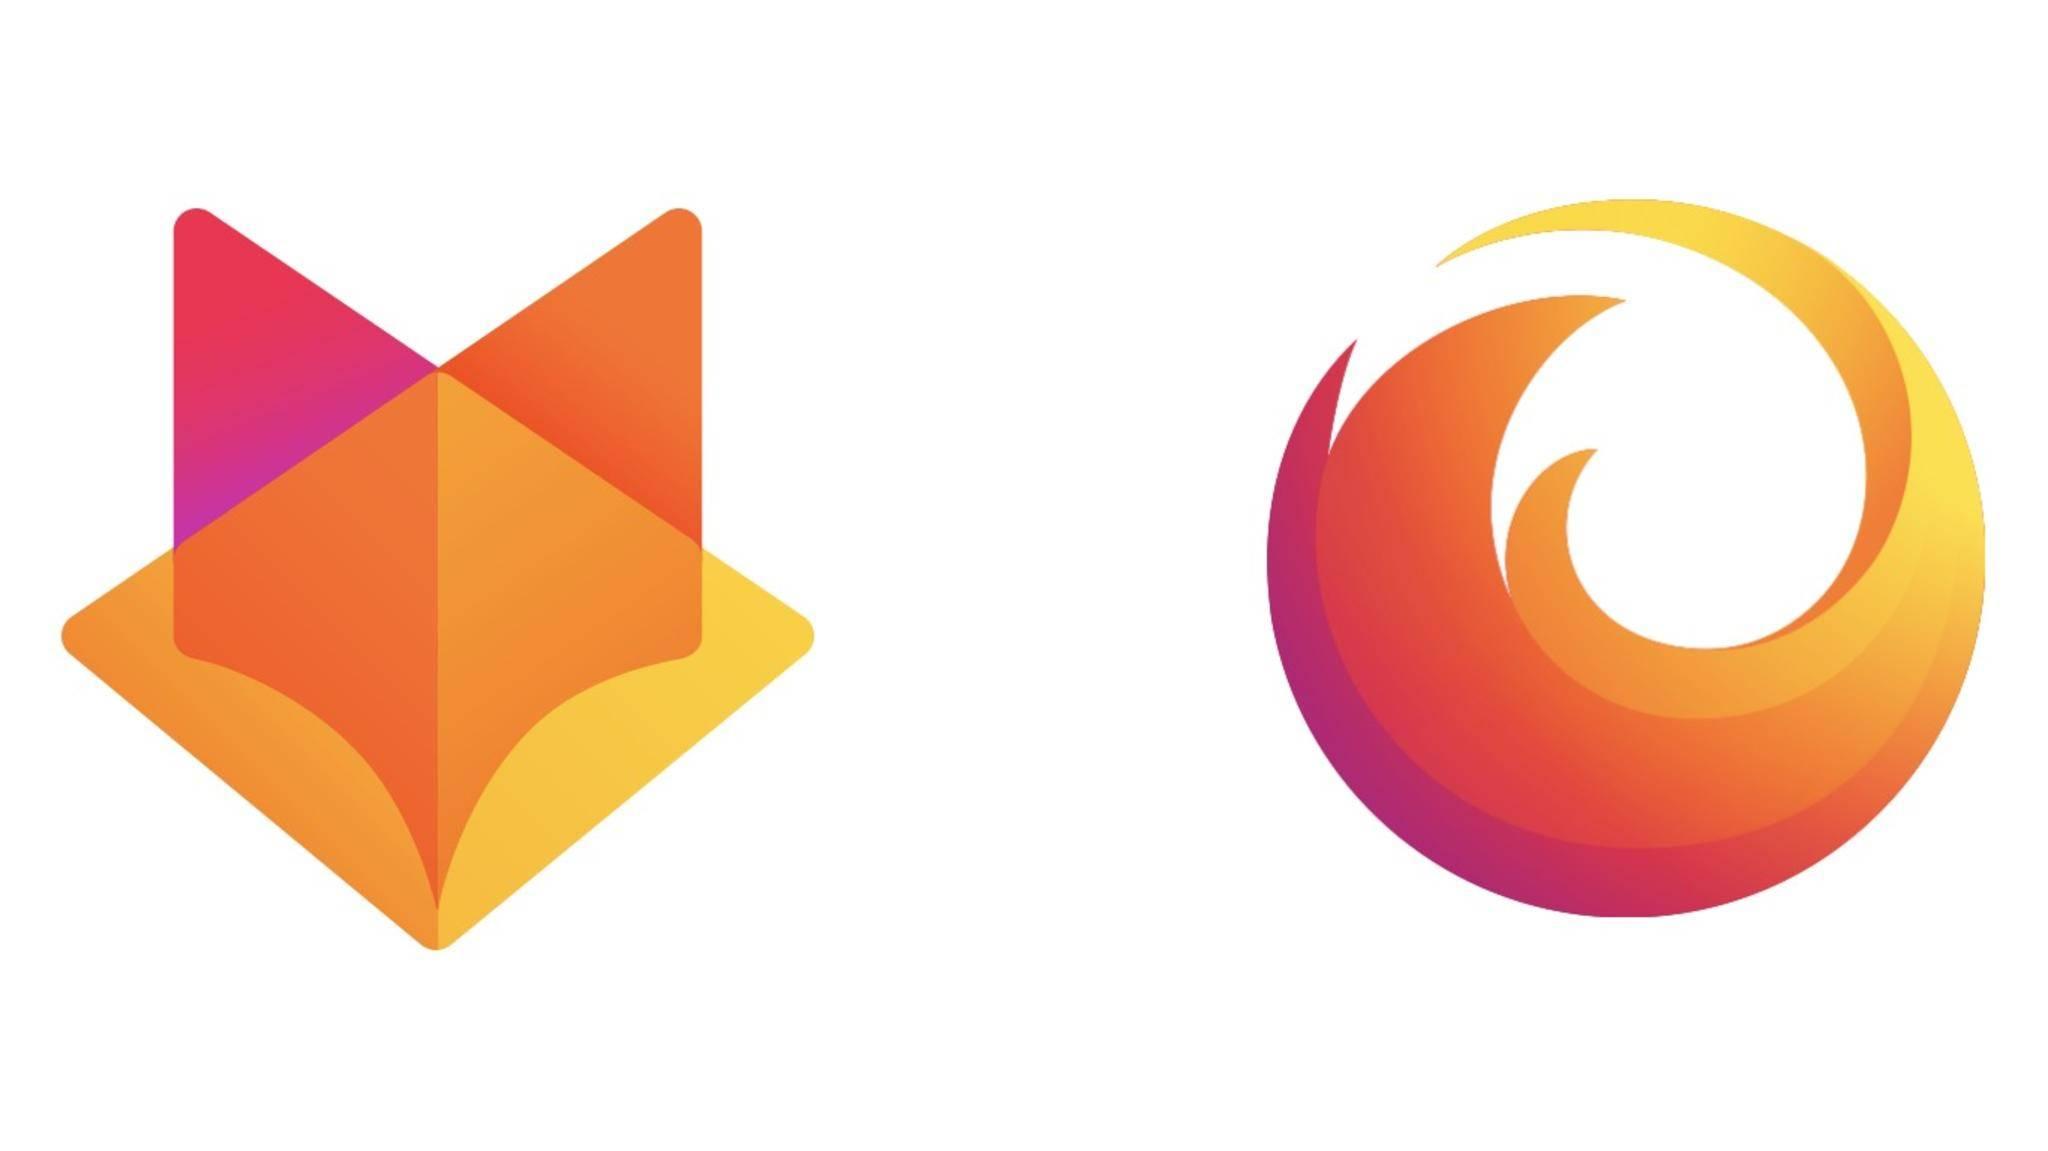 Eine dieser Vorlagen wird das neue Firefox-Logo inspirieren.